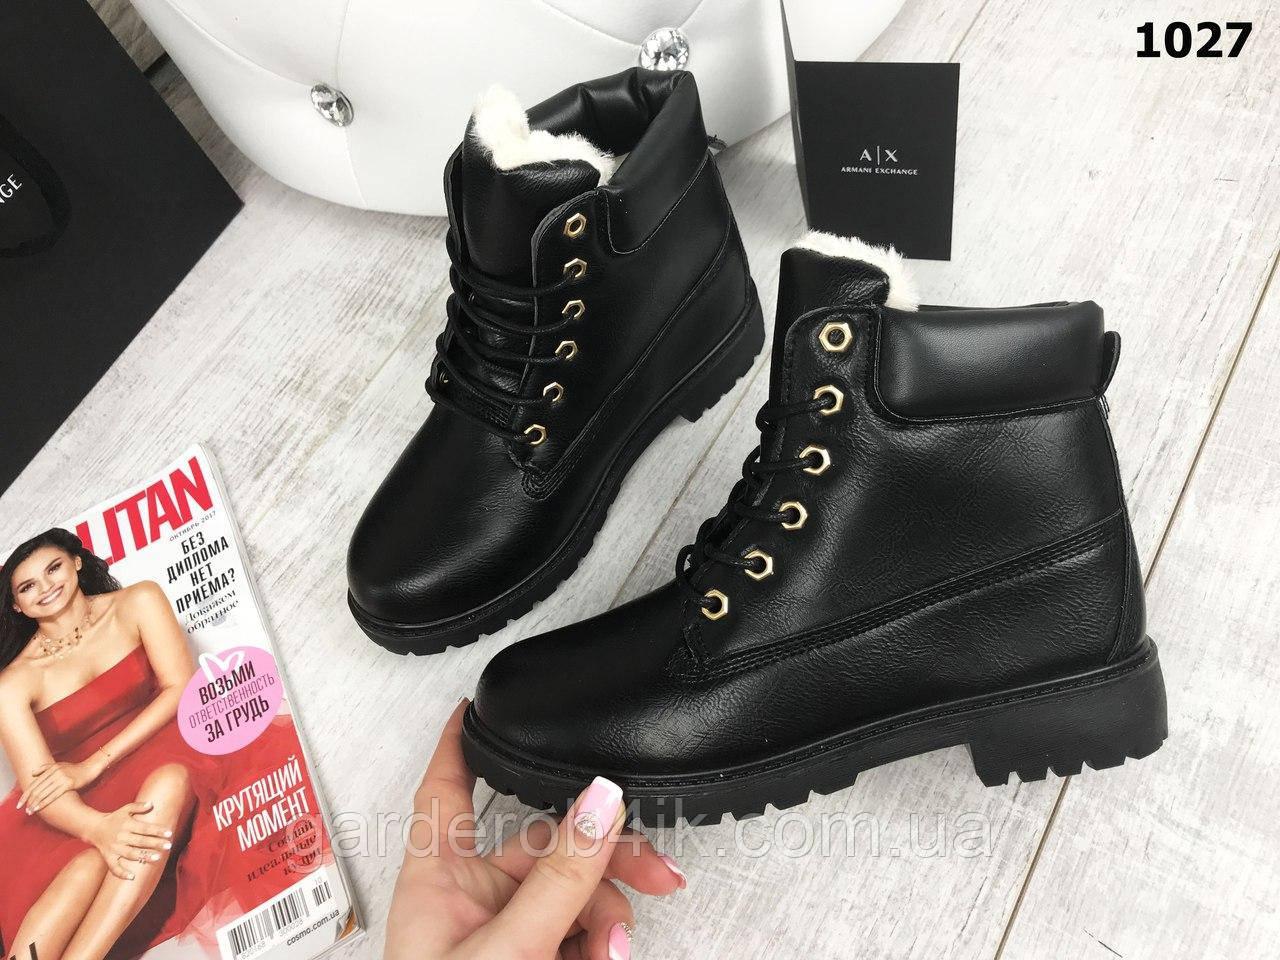 Женские ботинки утепленные зимние